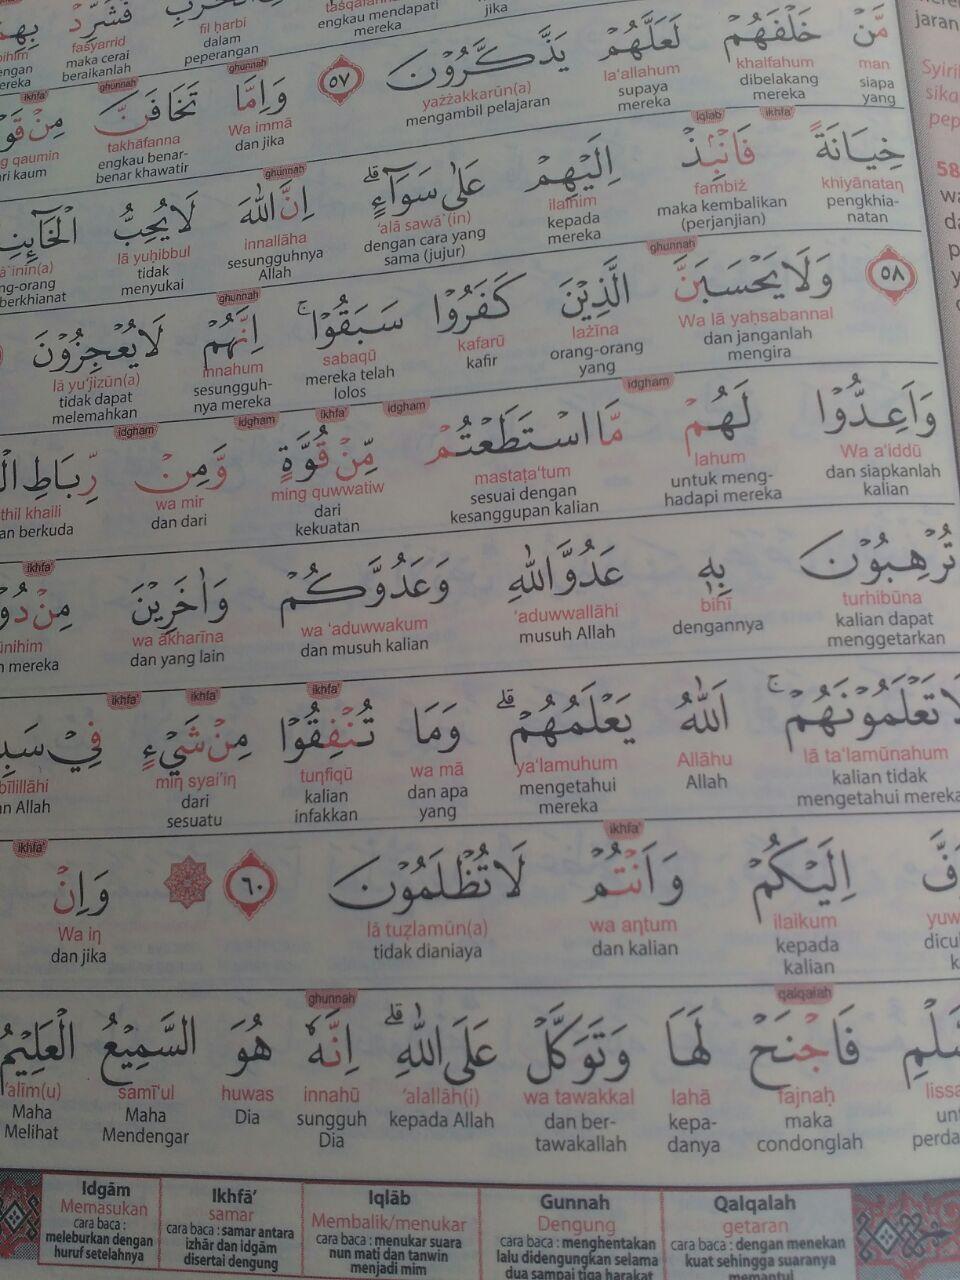 Gambar Al-Quran Rumi, Gambar Al-Quran Transliterasi Rumi, Gambar Al-Quran Rumi Al-Hadi, Gambar Al-Quran Transliterasi Rumi Al-Hadi